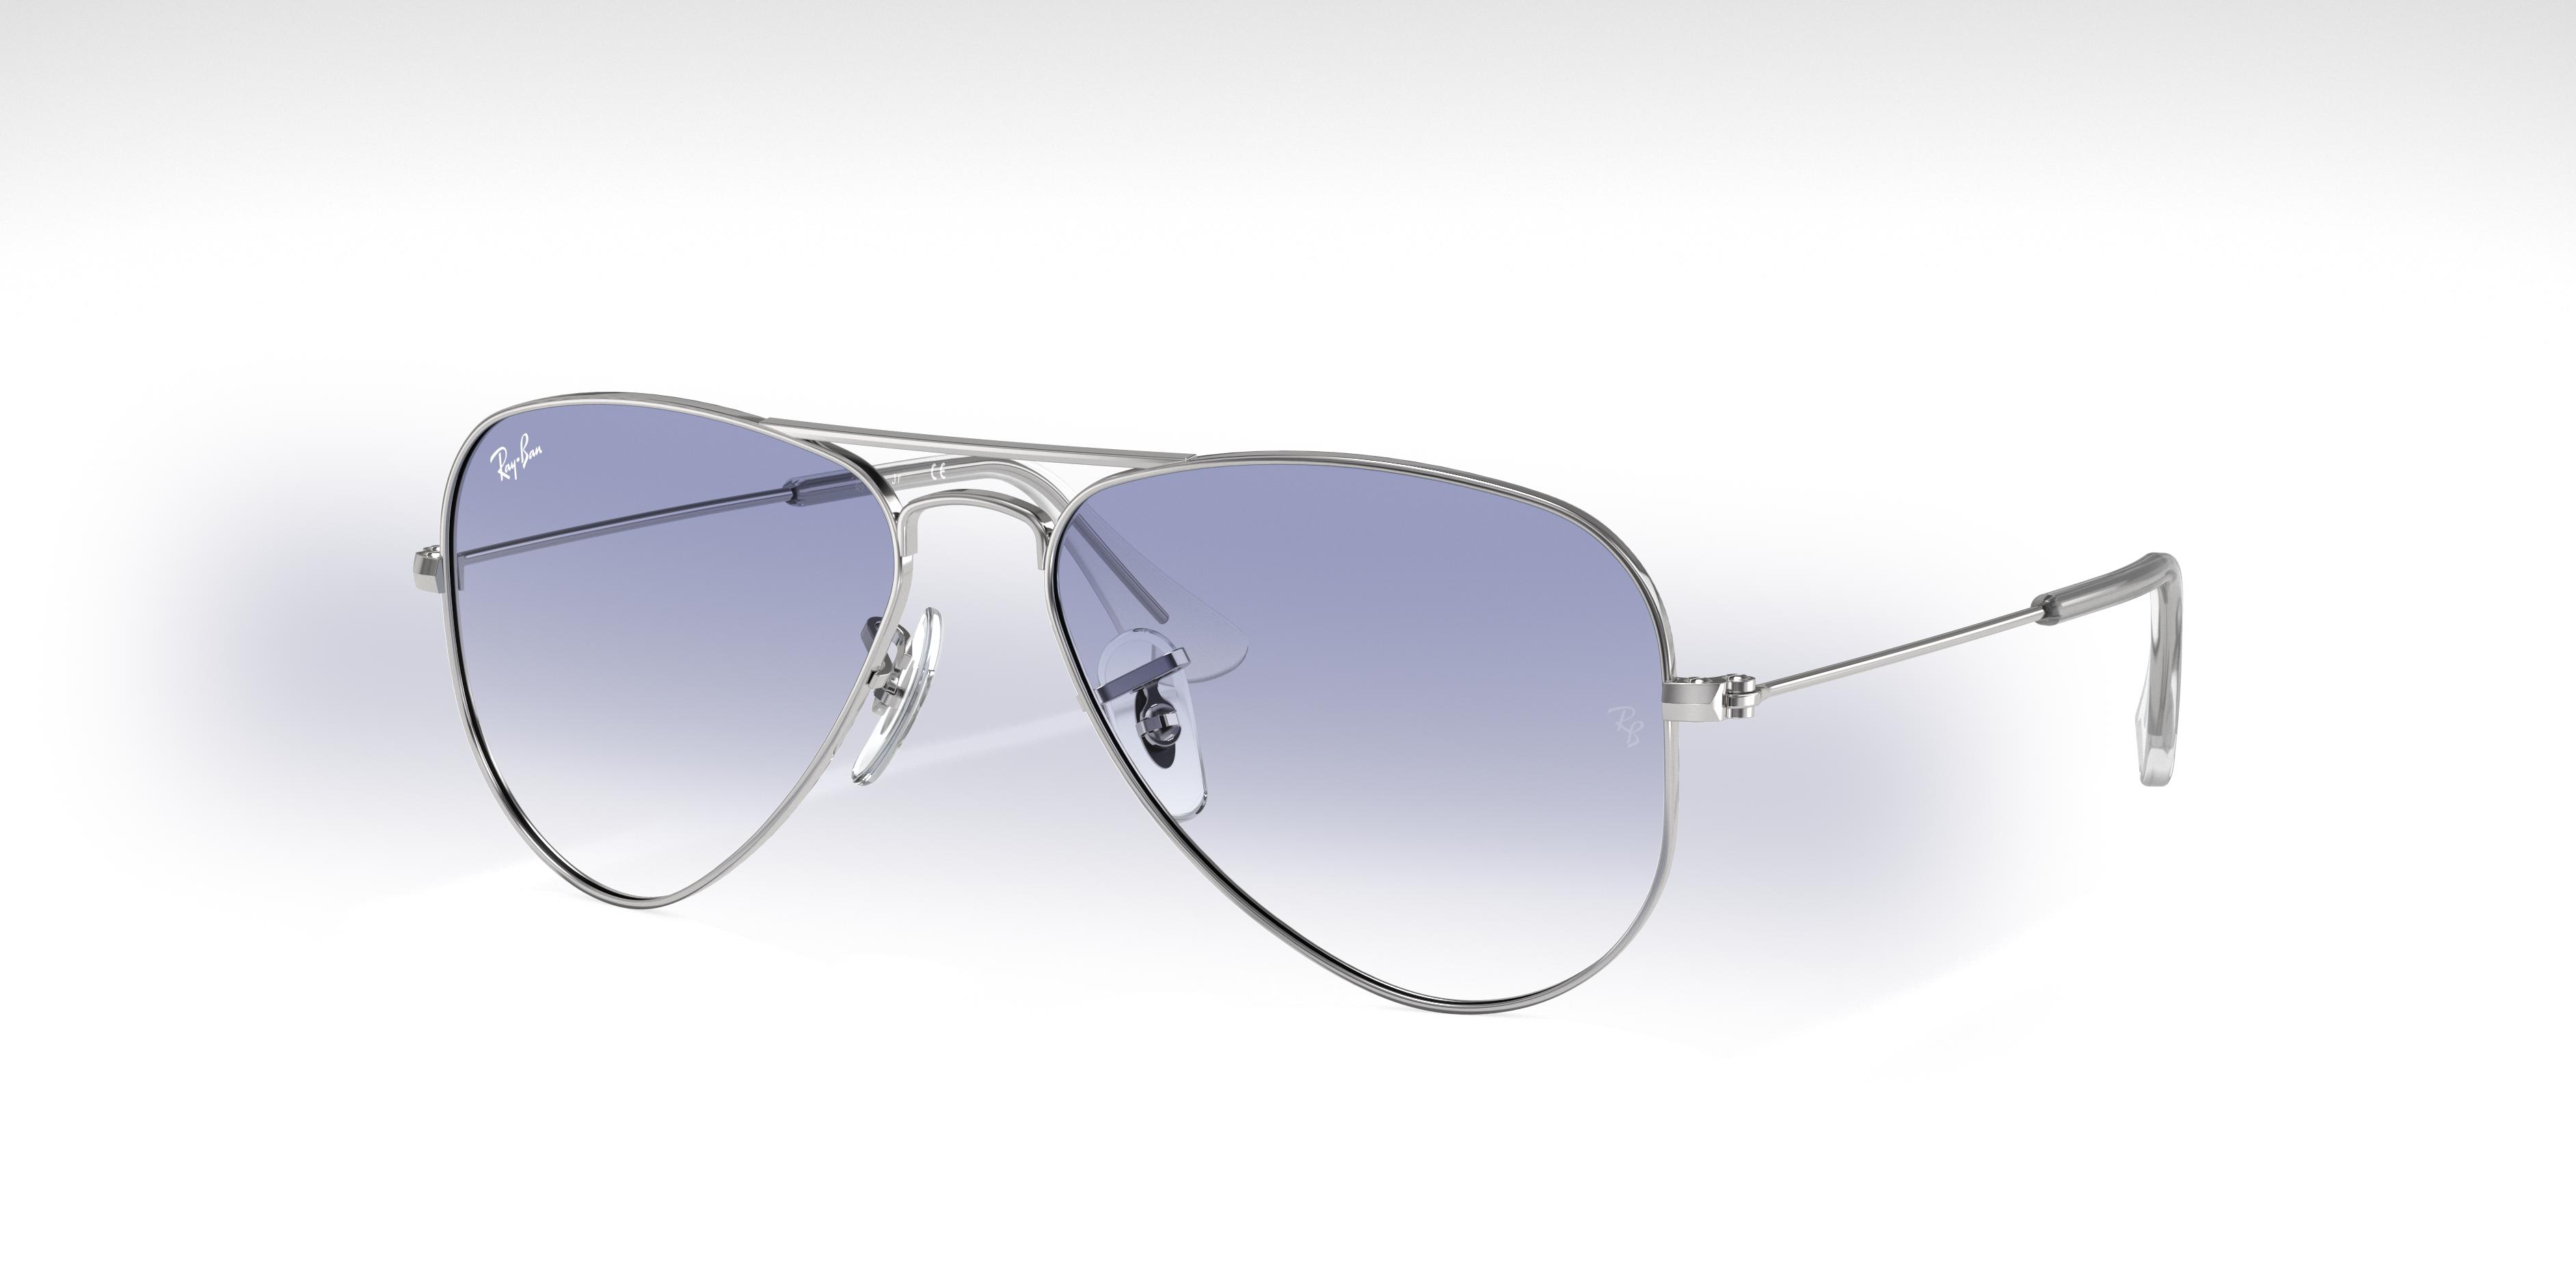 Ray-Ban Aviator Junior Silver, Blue Lenses - RJ9506S